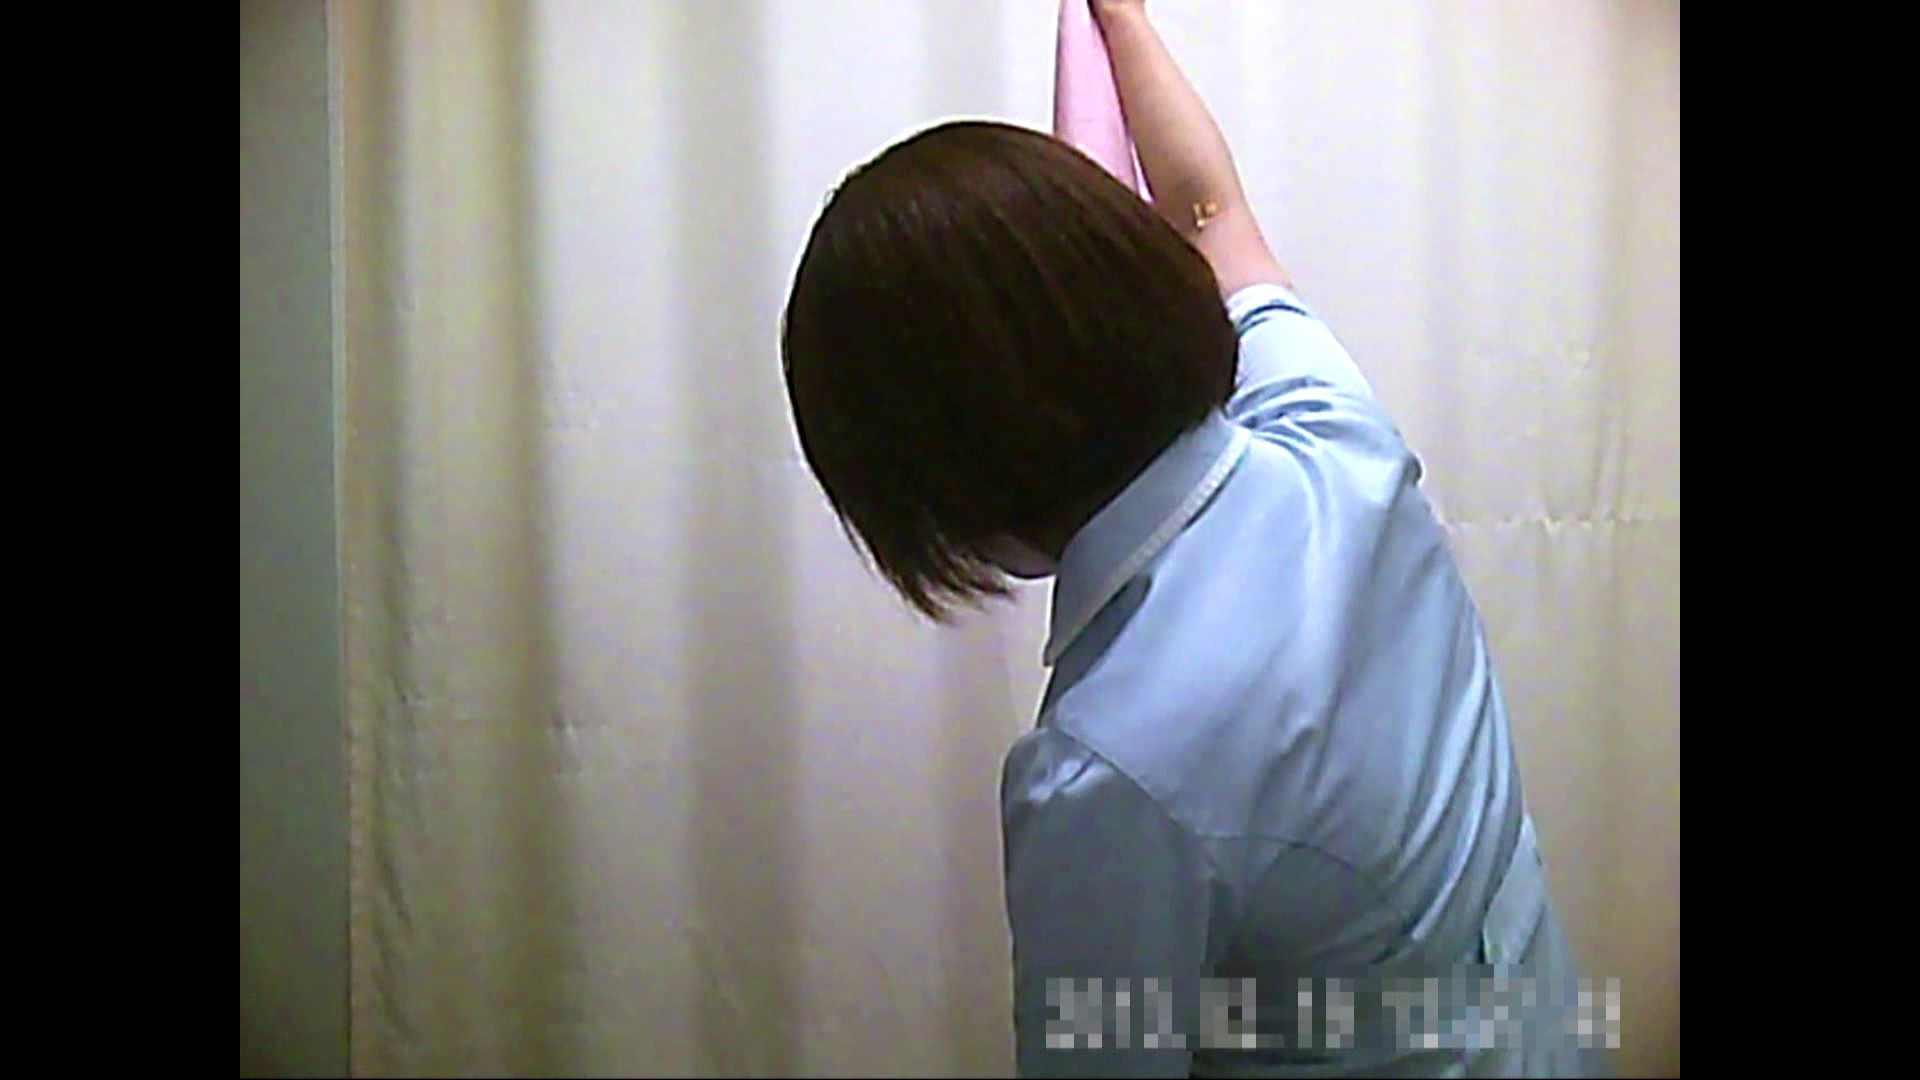 病院おもいっきり着替え! vol.155 盗撮師作品 オマンコ無修正動画無料 88pic 45